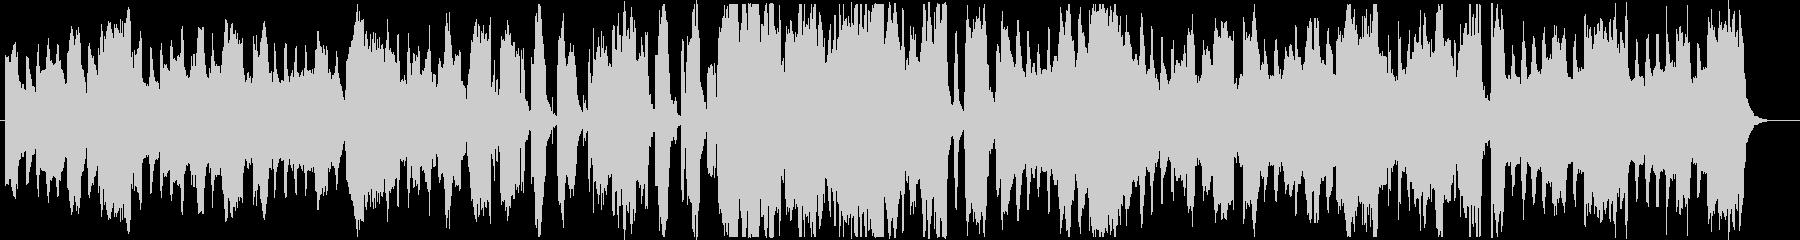 おばけホラーなBGM・ワルツ3拍子の未再生の波形